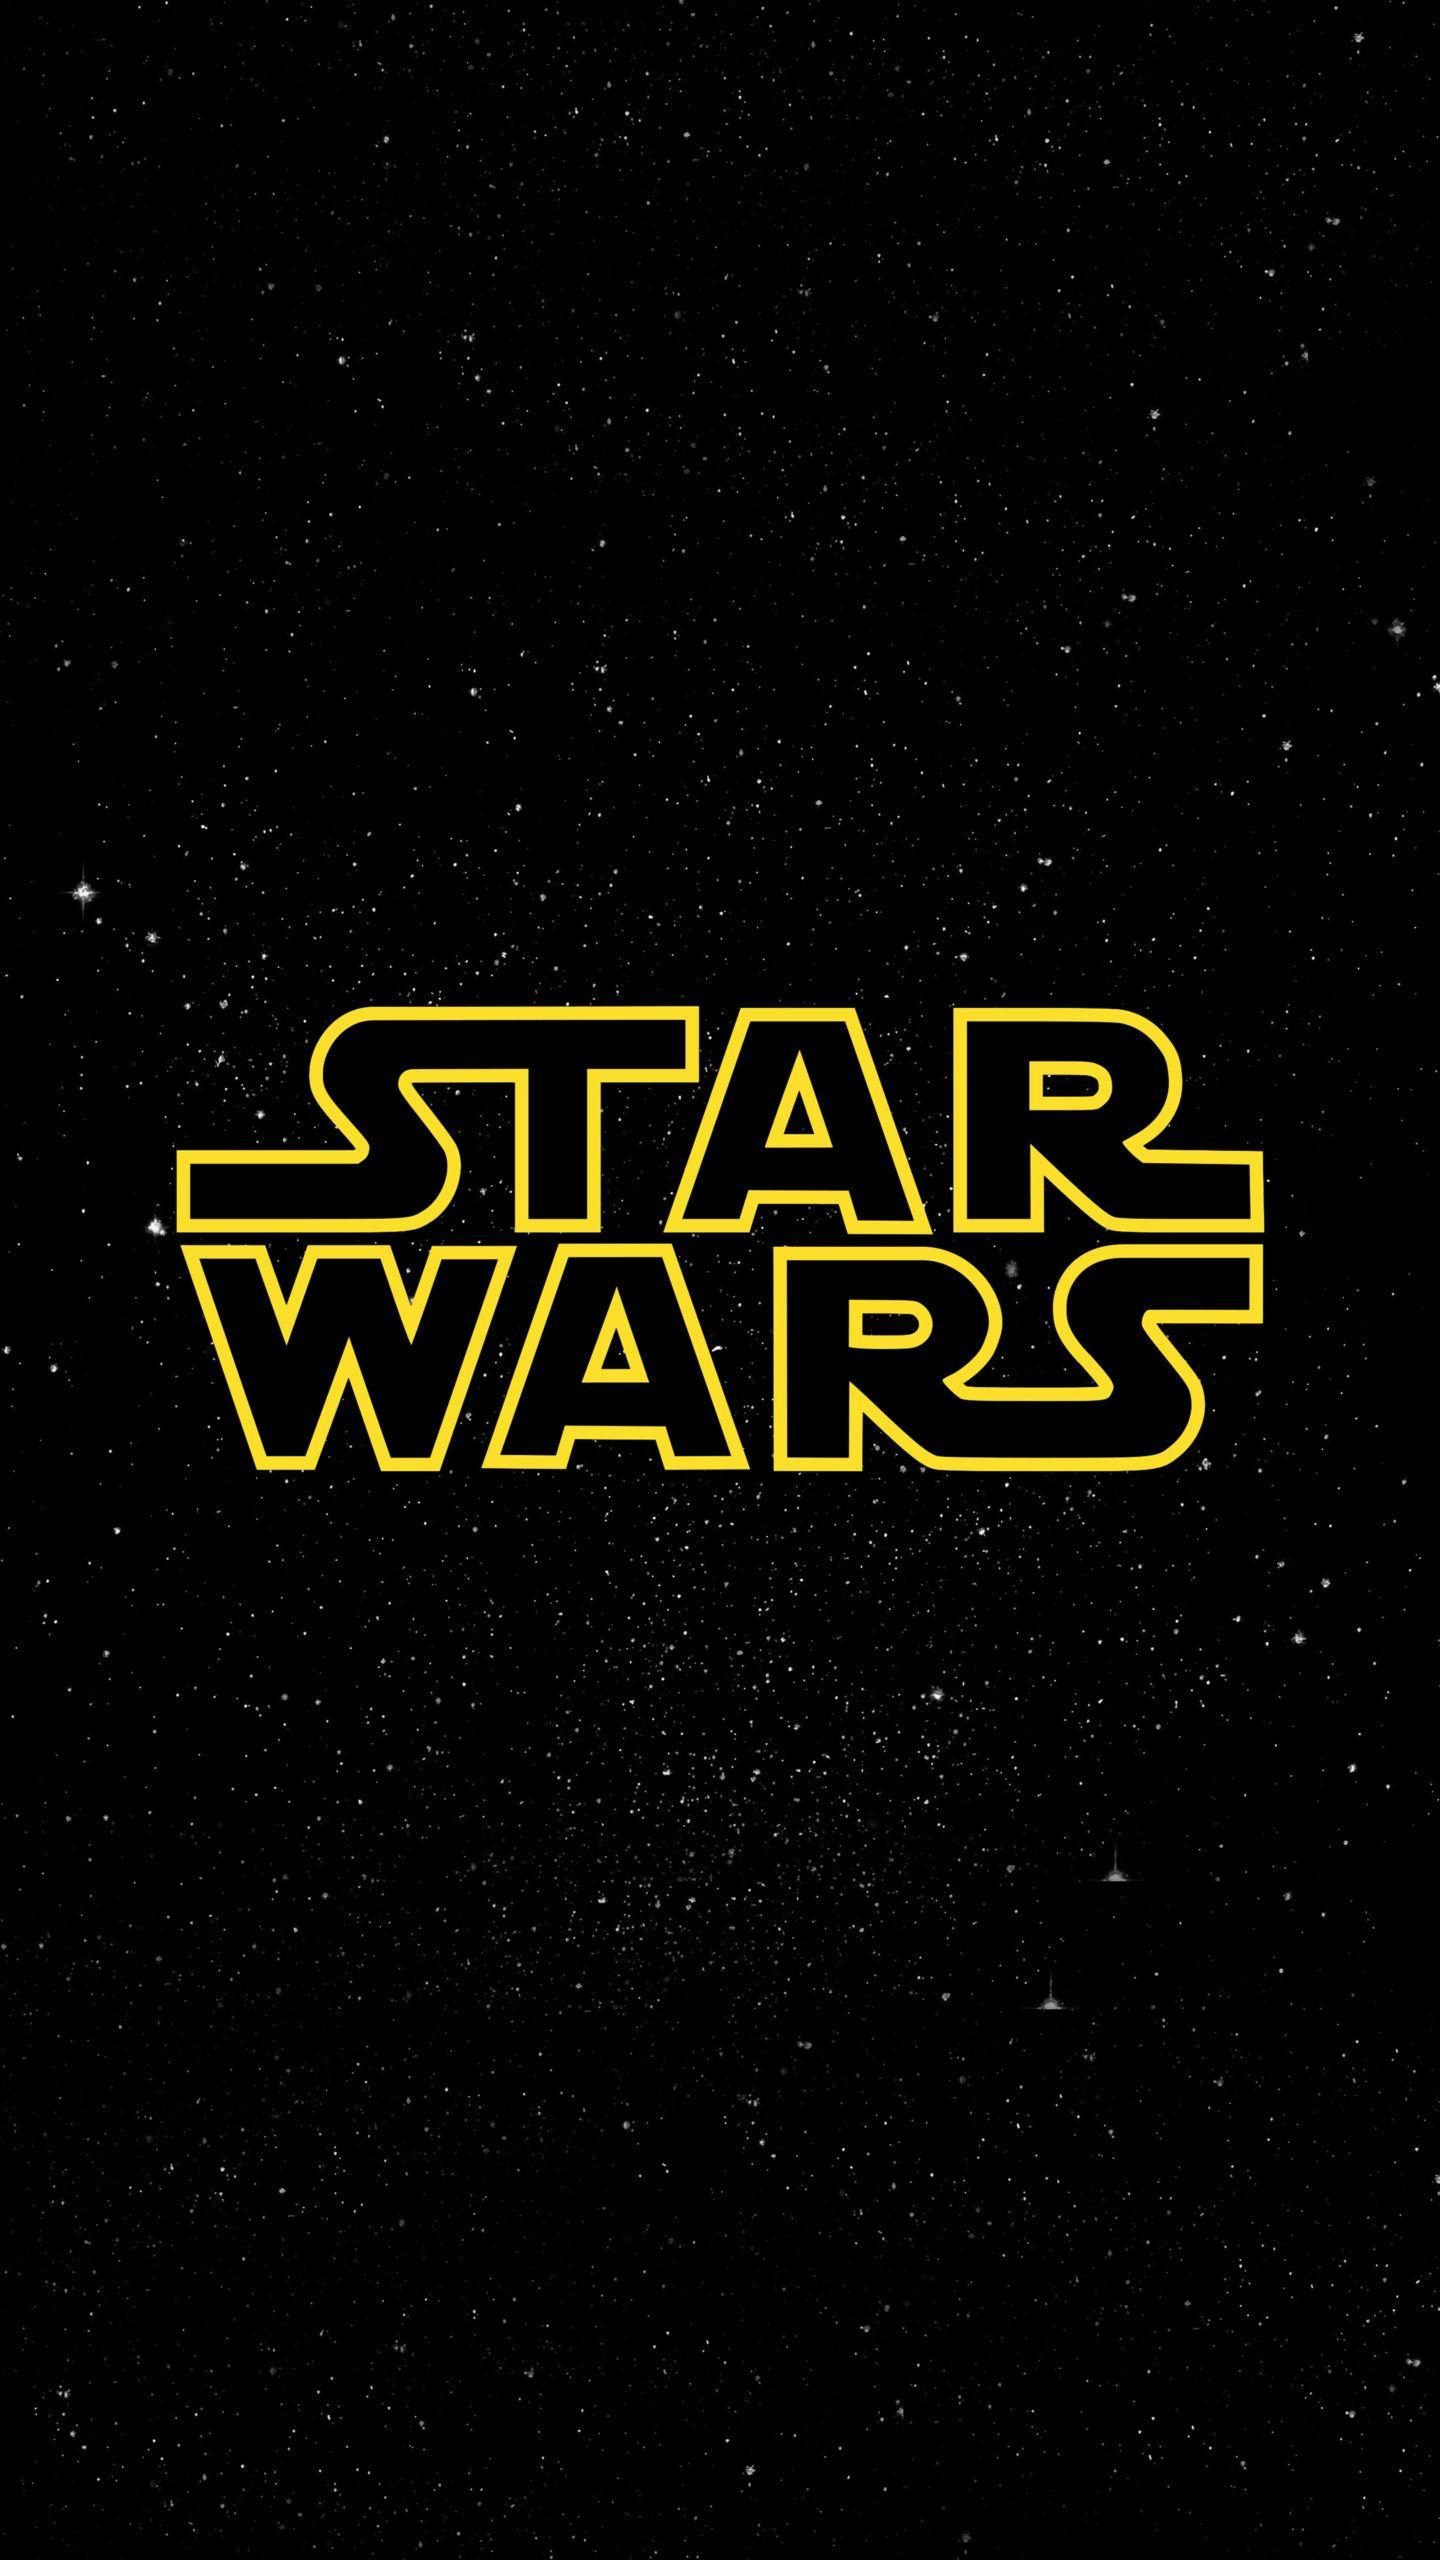 Star Wars Logo 4k Ultra Hd Mobile Wallpaper In 2021 Star Wars Logo Star Wars Background Star Wars Wallpaper